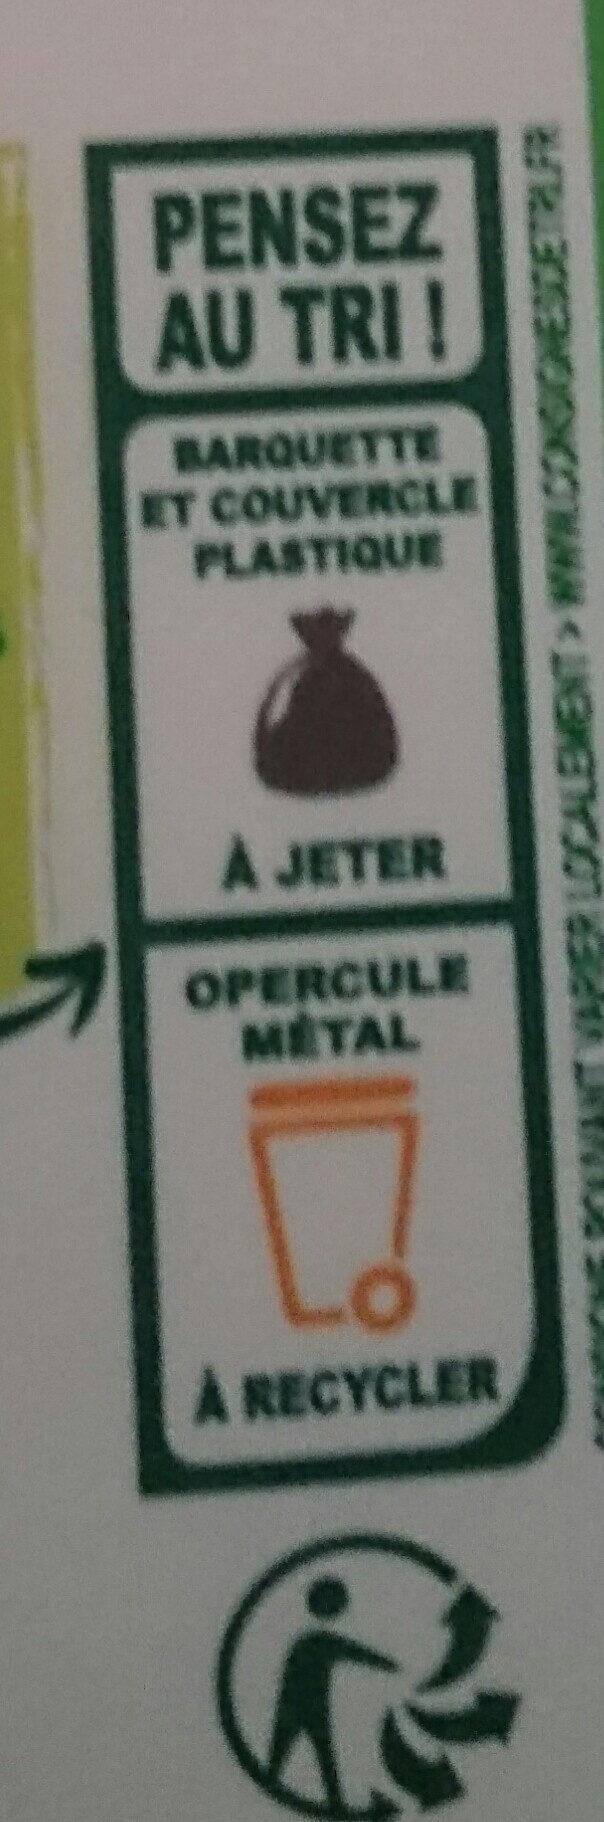 Primevère Bio doux Tartine & Cuisson - Instruction de recyclage et/ou information d'emballage - fr